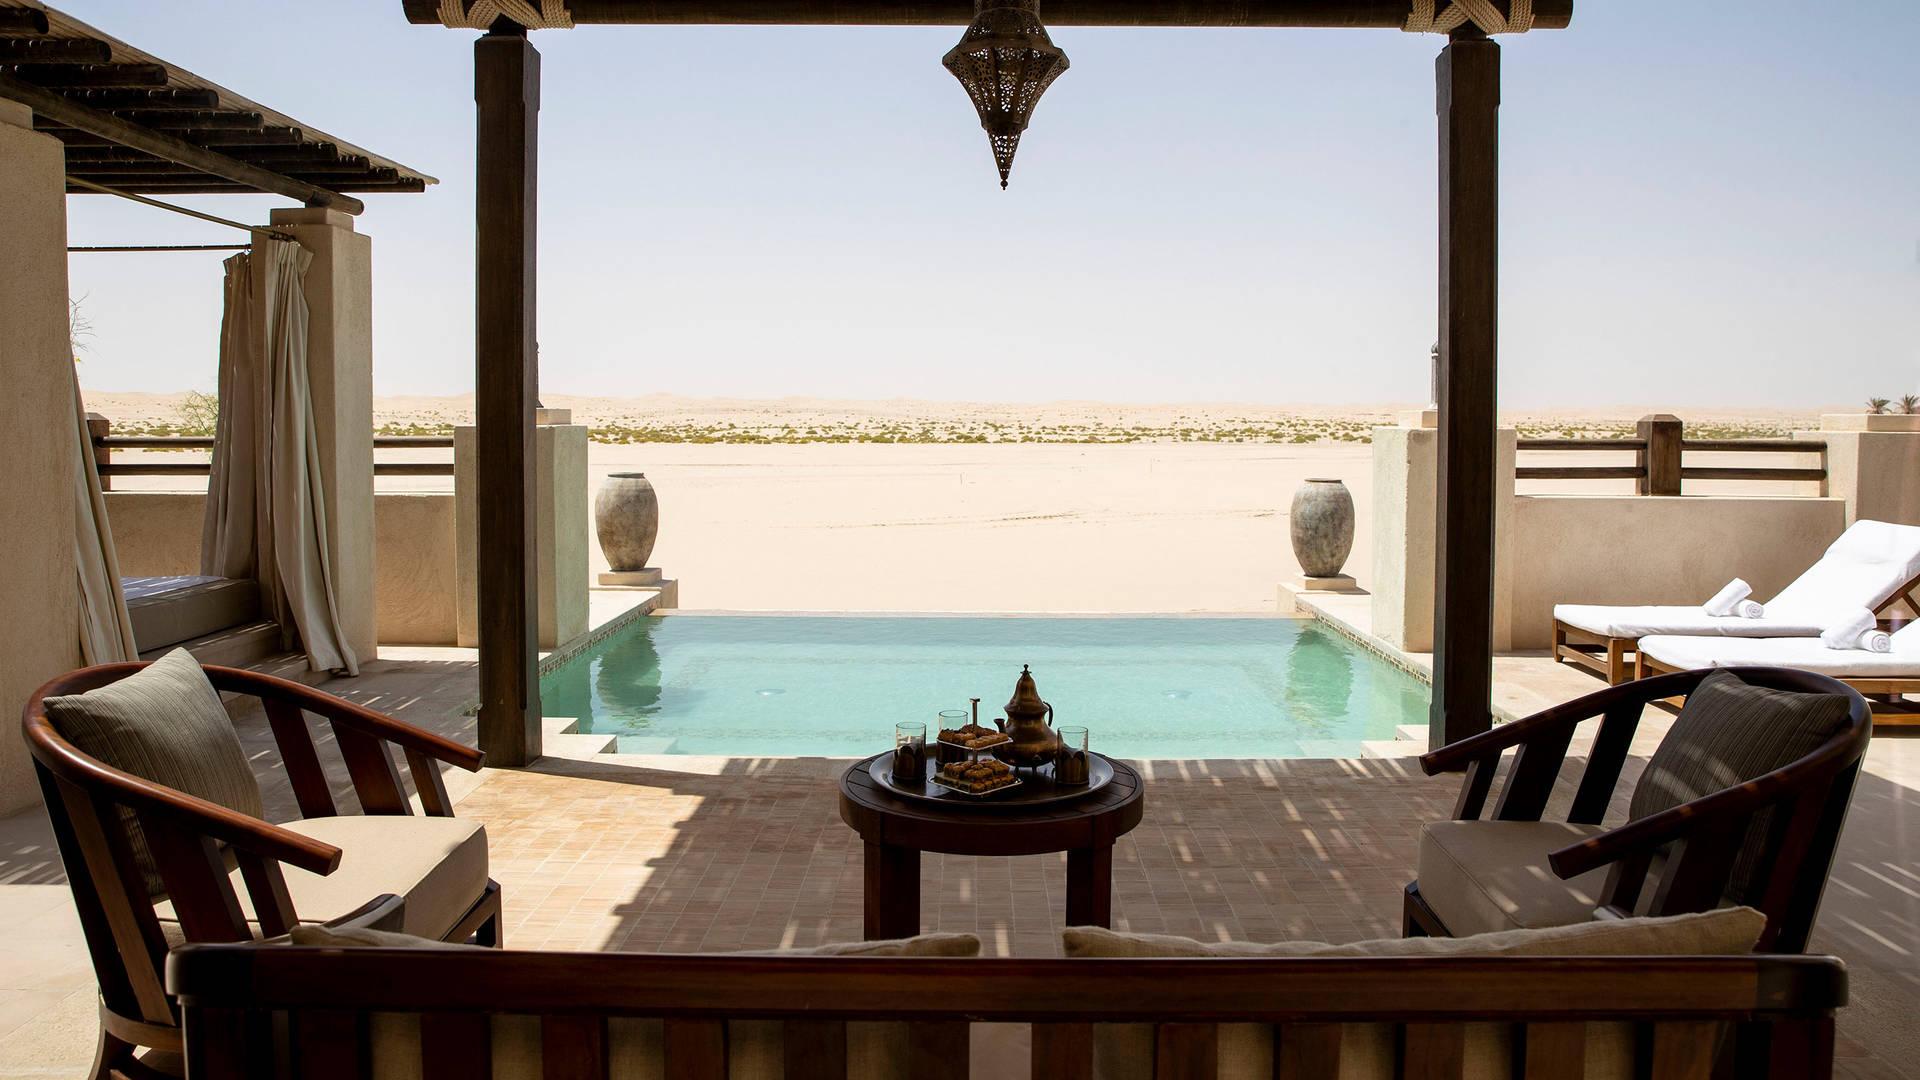 Pool der Villa mit einem Schlafzimmer im Jumeirah Al Wathba Desert Resort & Spa